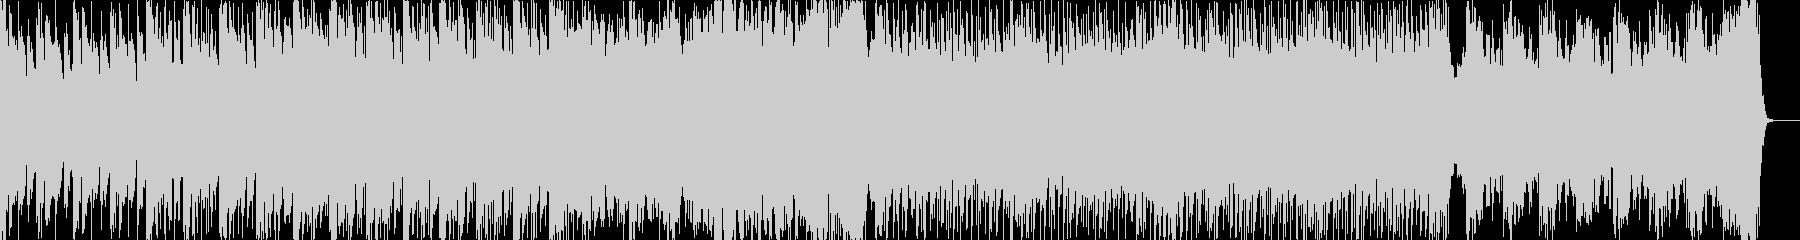 壮大なシネマティックなドラムンベースの未再生の波形